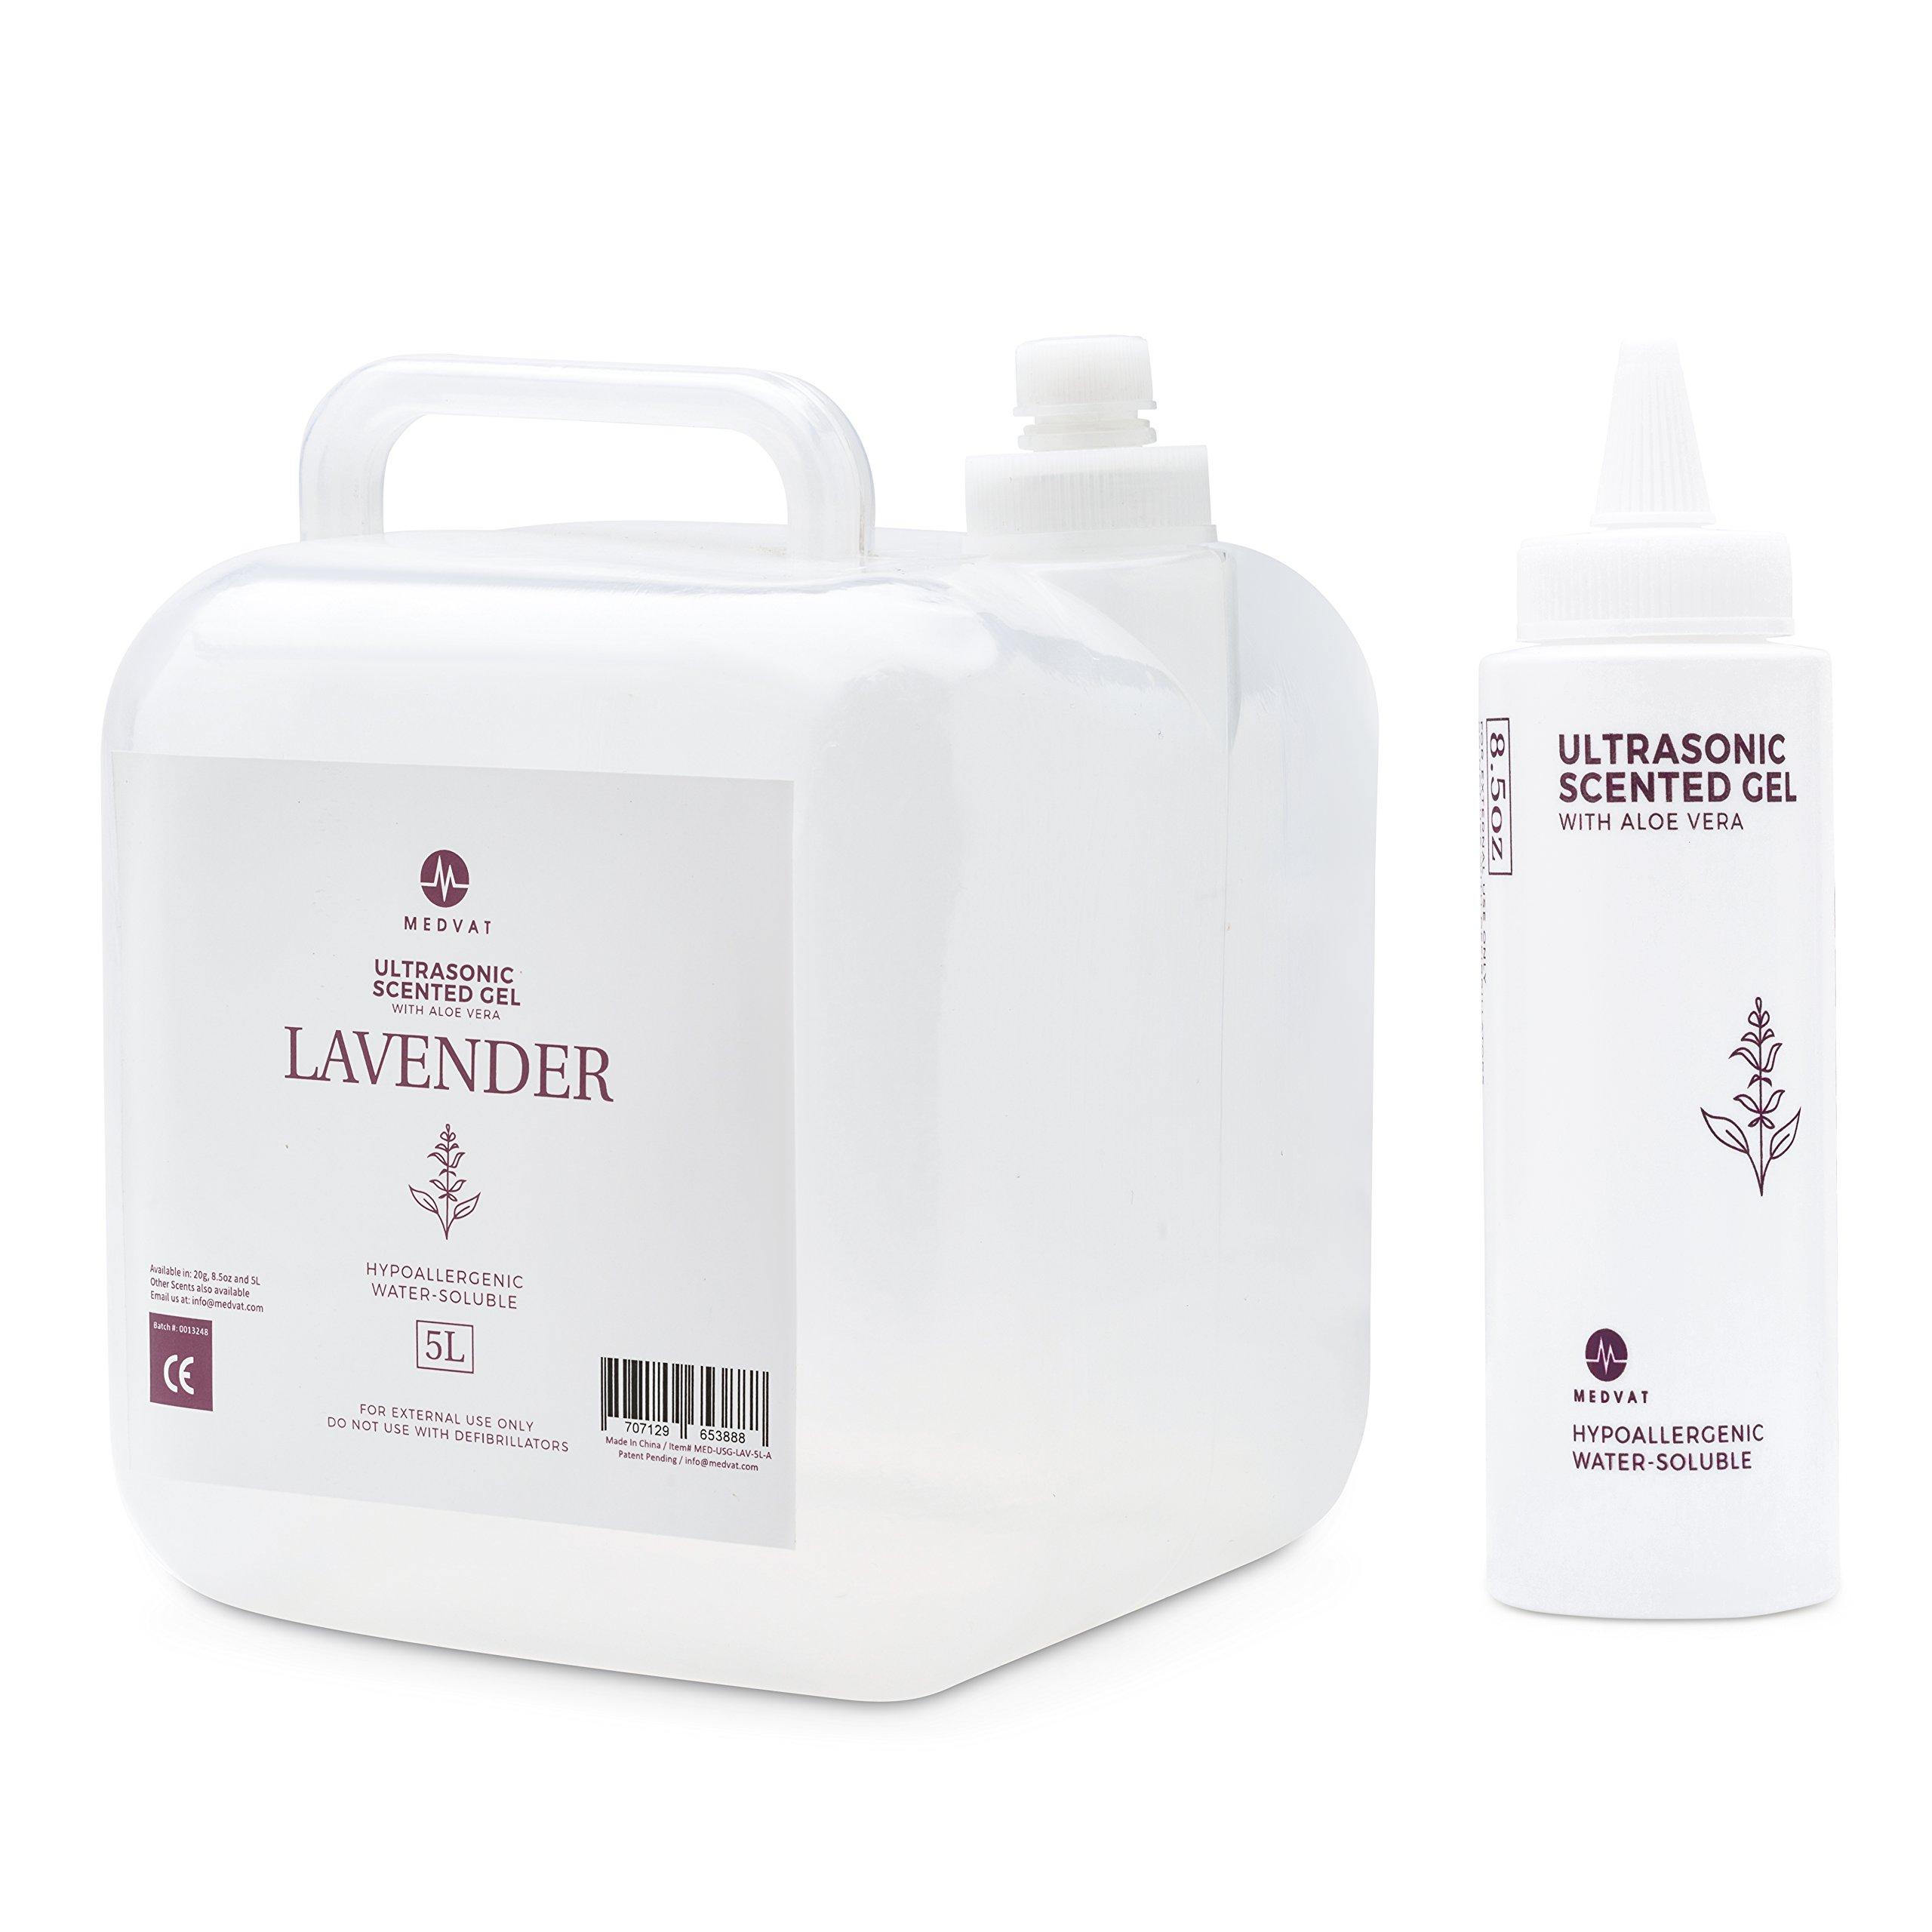 Medvat Clear Transmission Gel - Lavender Scented - 5 Liter Container - Includes 8-oz. Refillable Bottle by Medvat